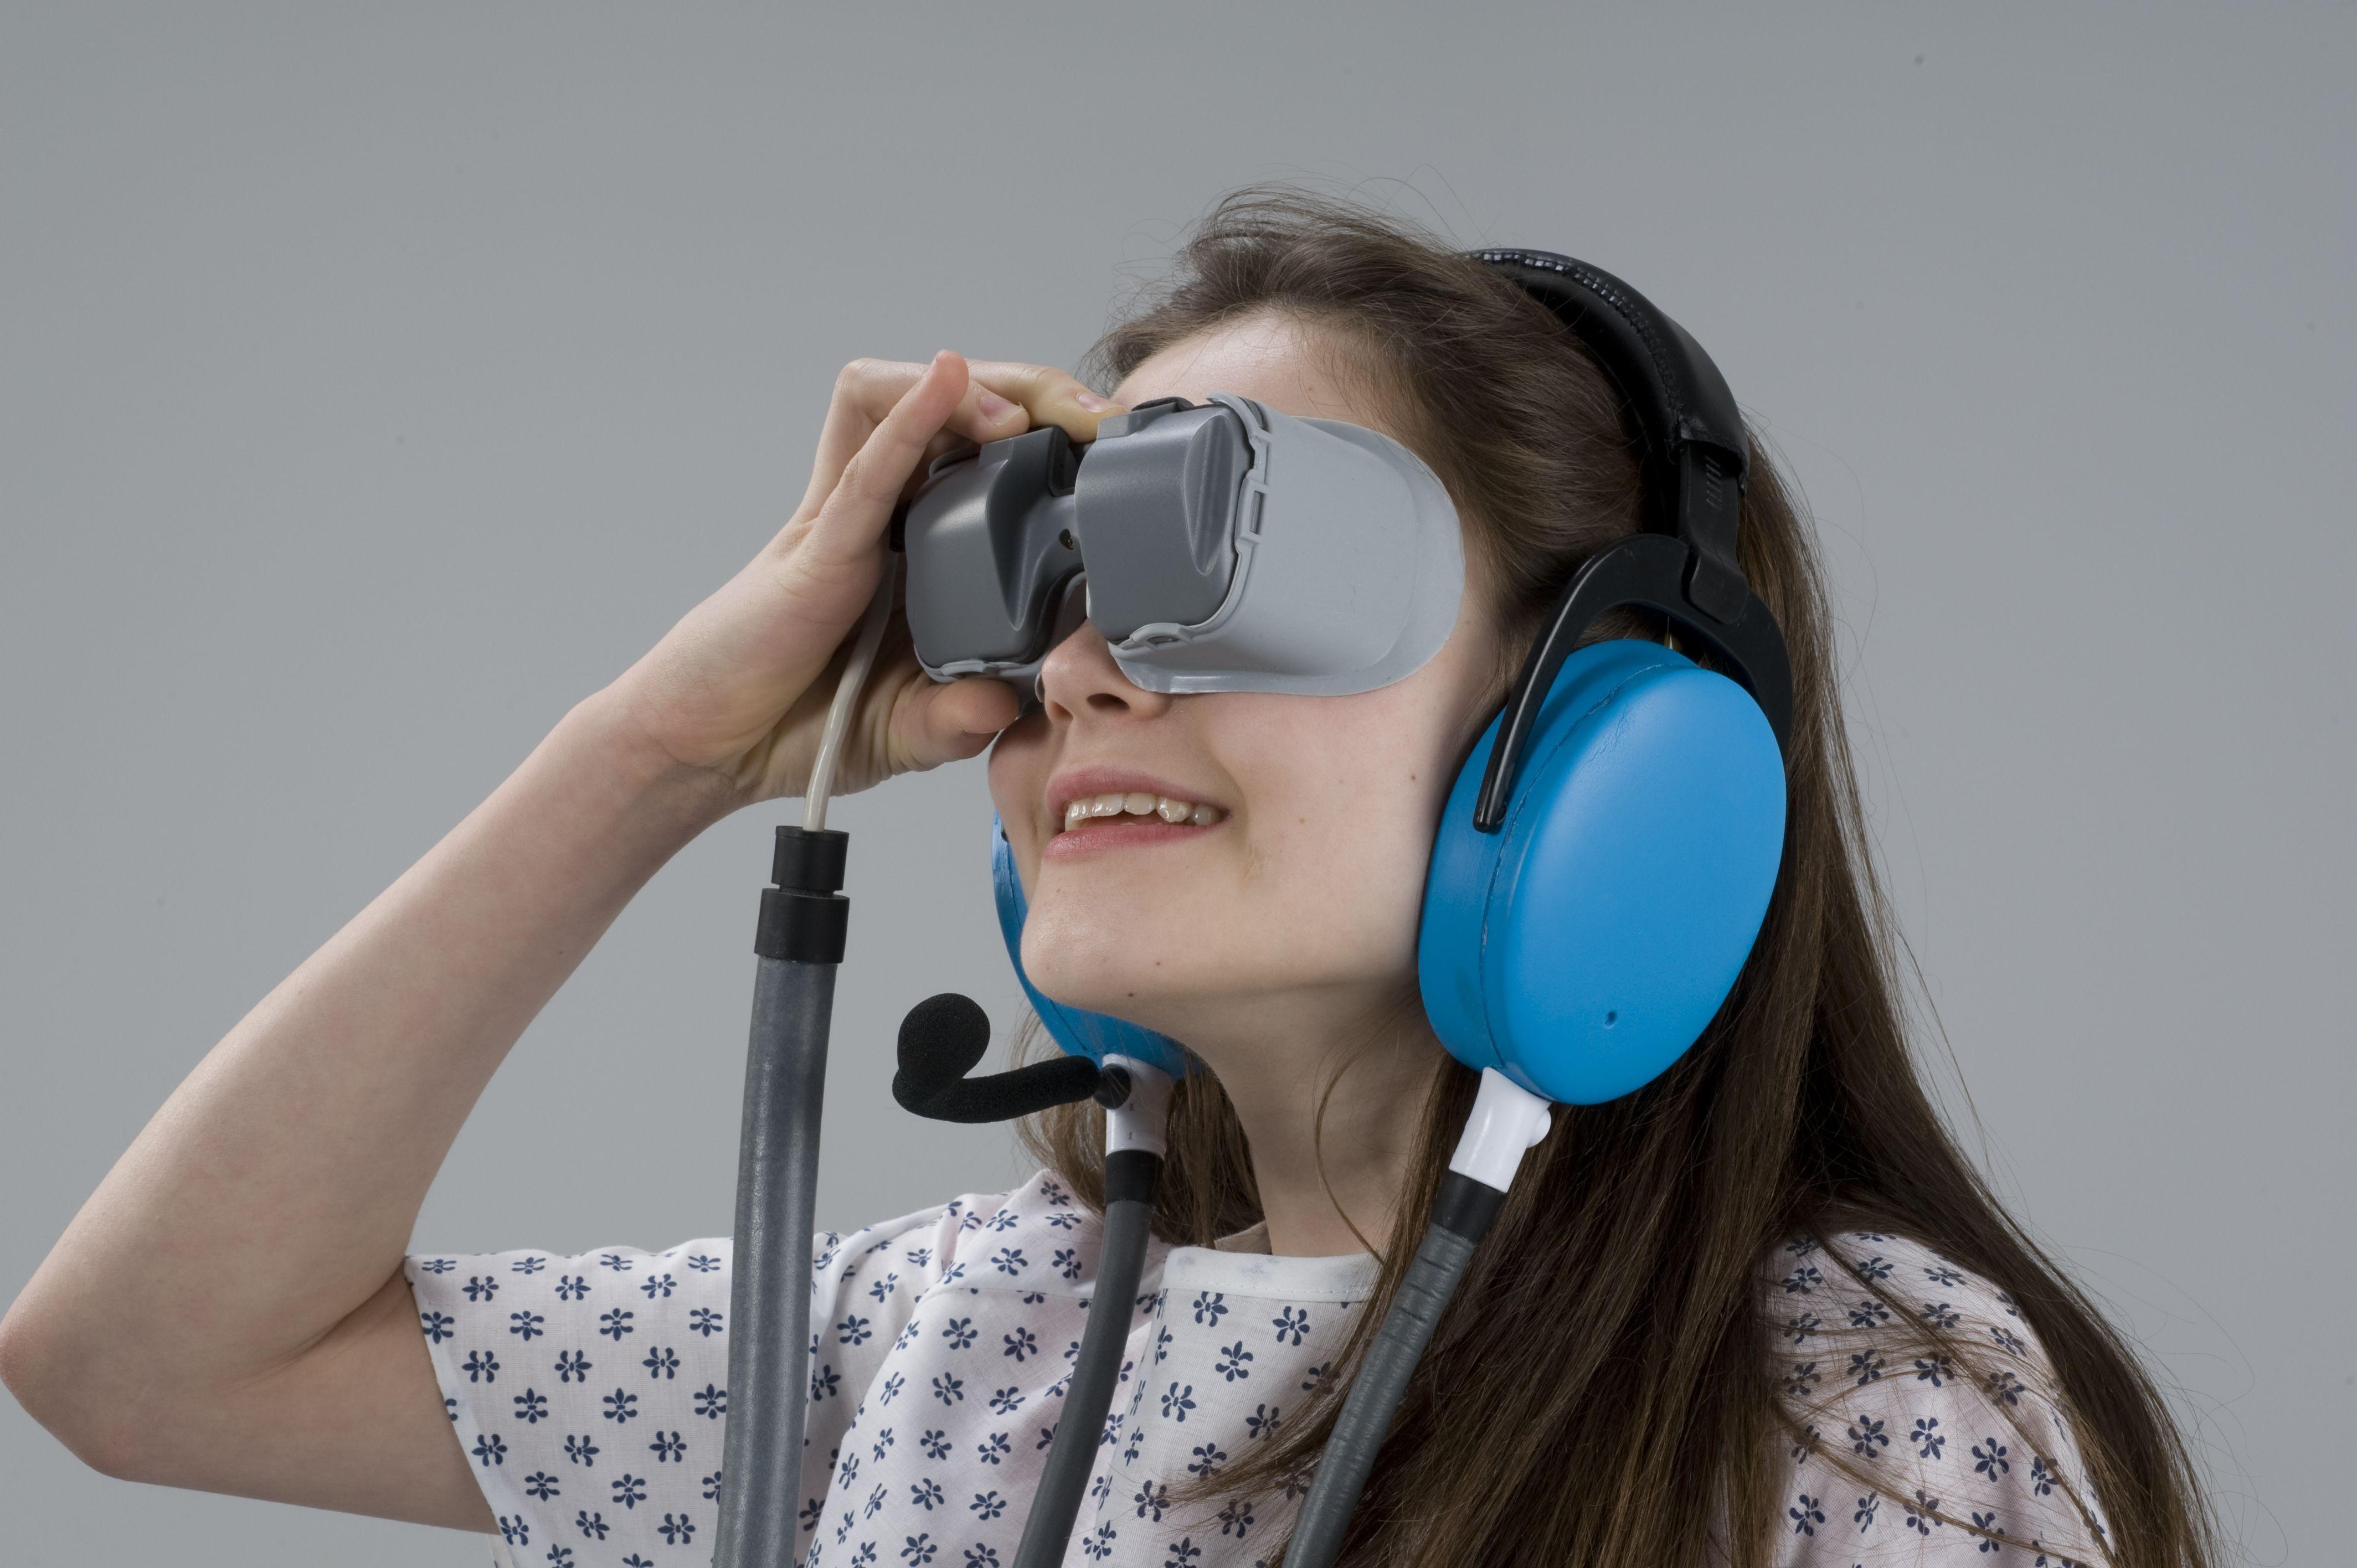 Girl MRI patient w headphones goggles Headphones